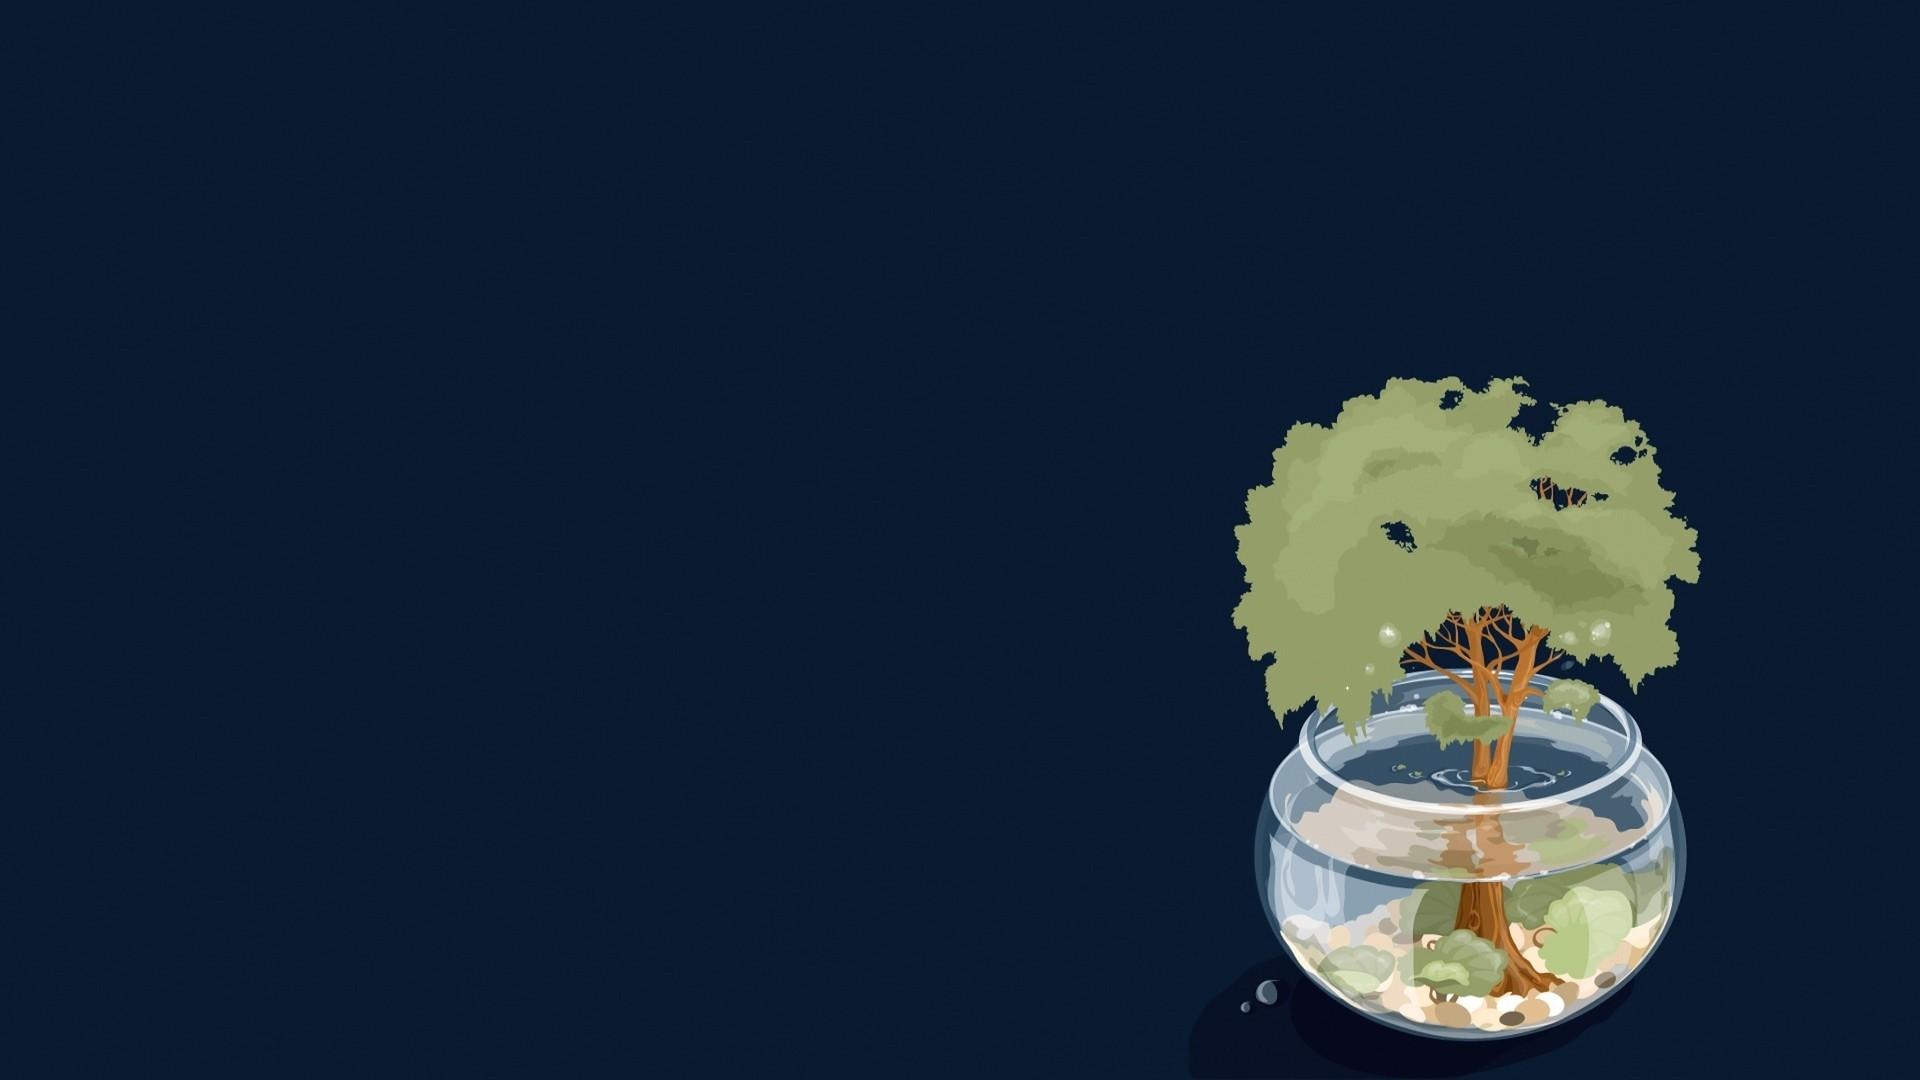 Water Minimalist a wallpaper